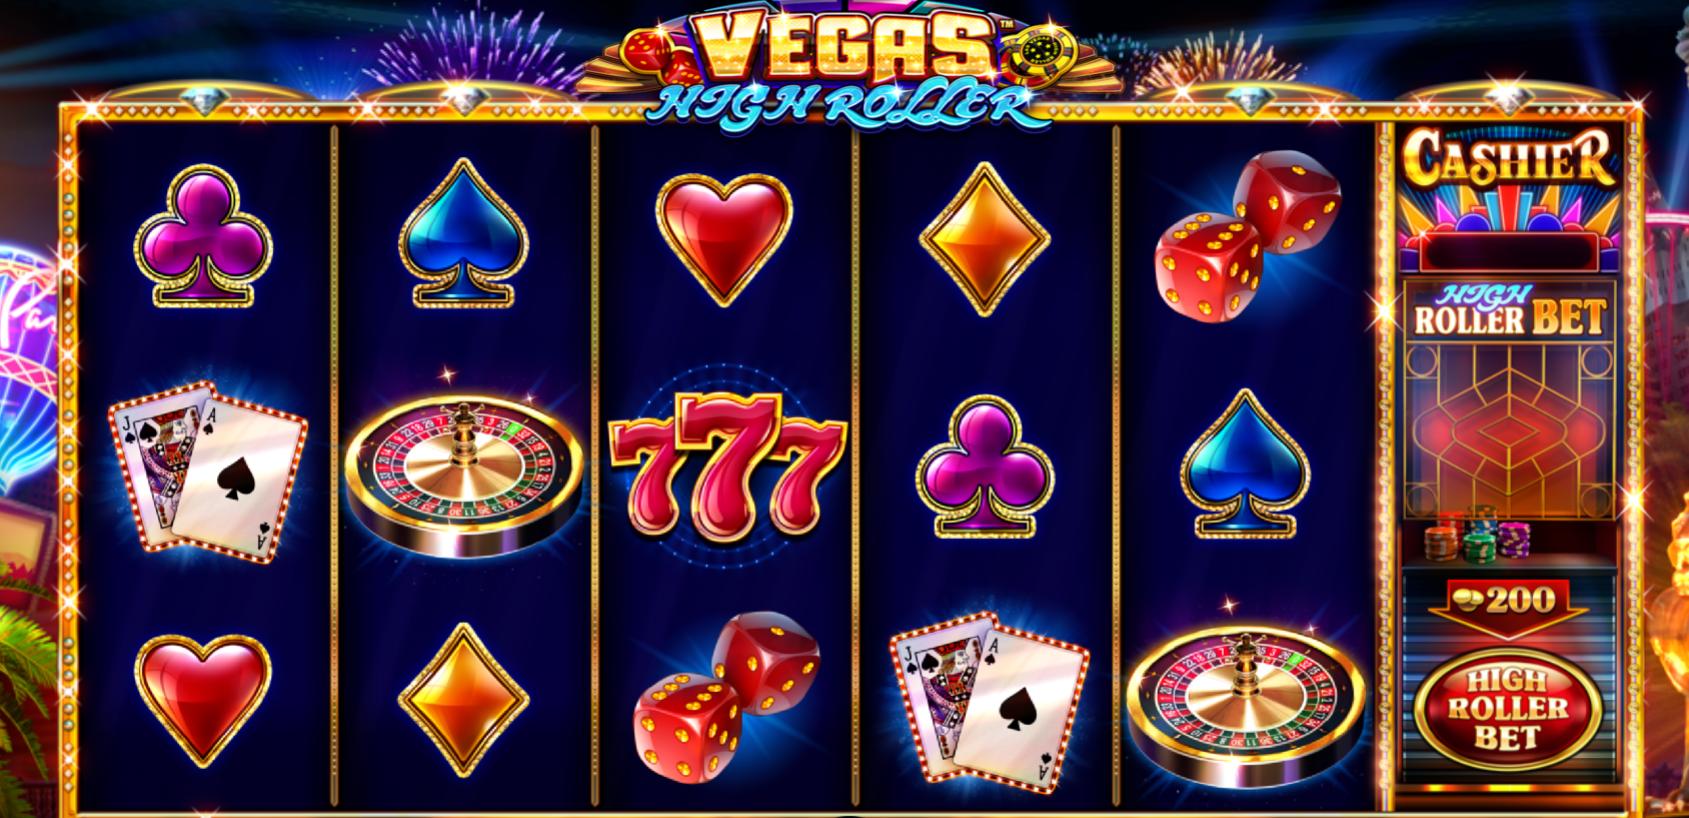 vegas high roller palms bet-komarbet.com